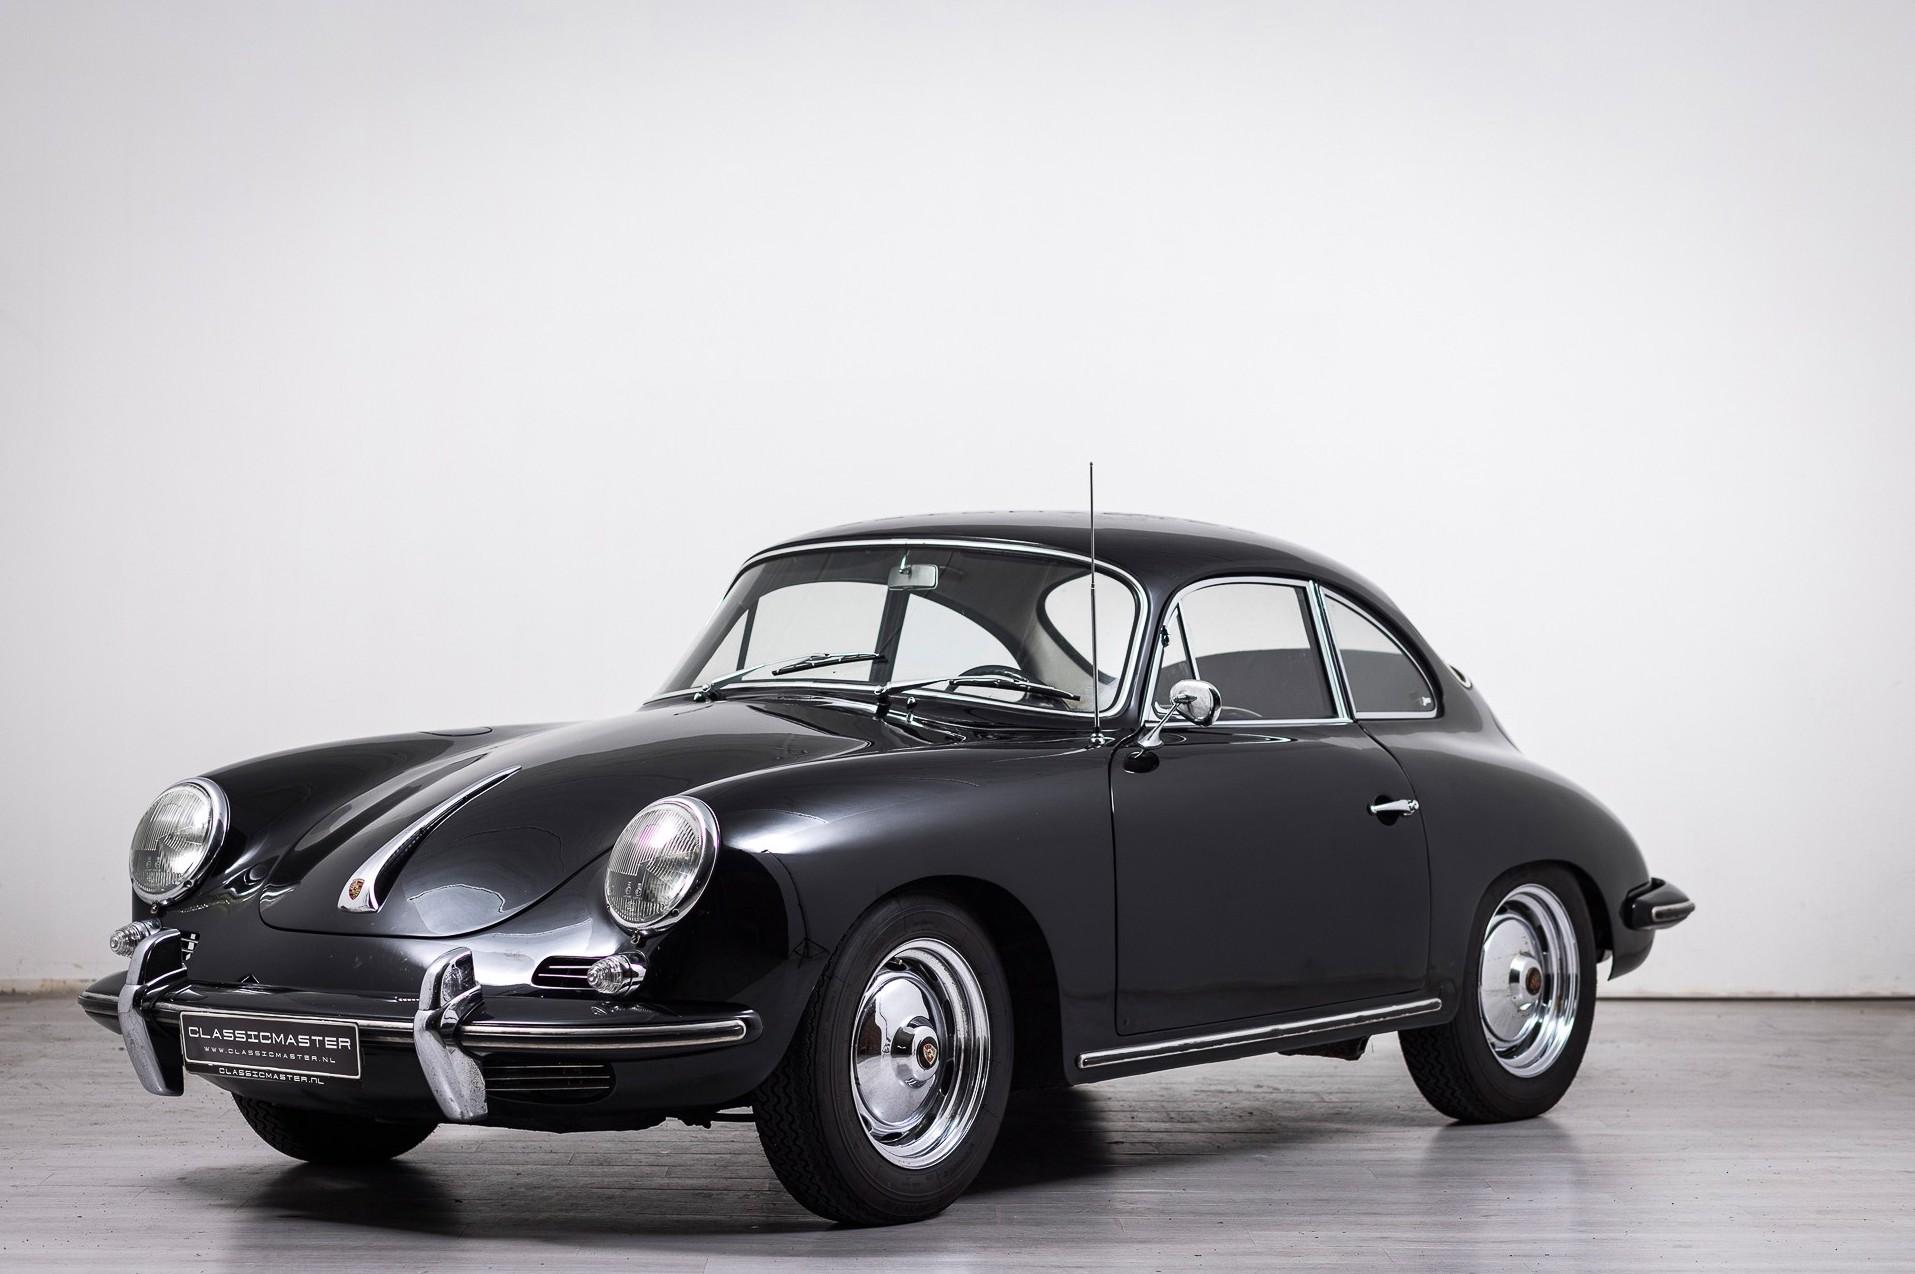 Porsche 356 B 1600 Super